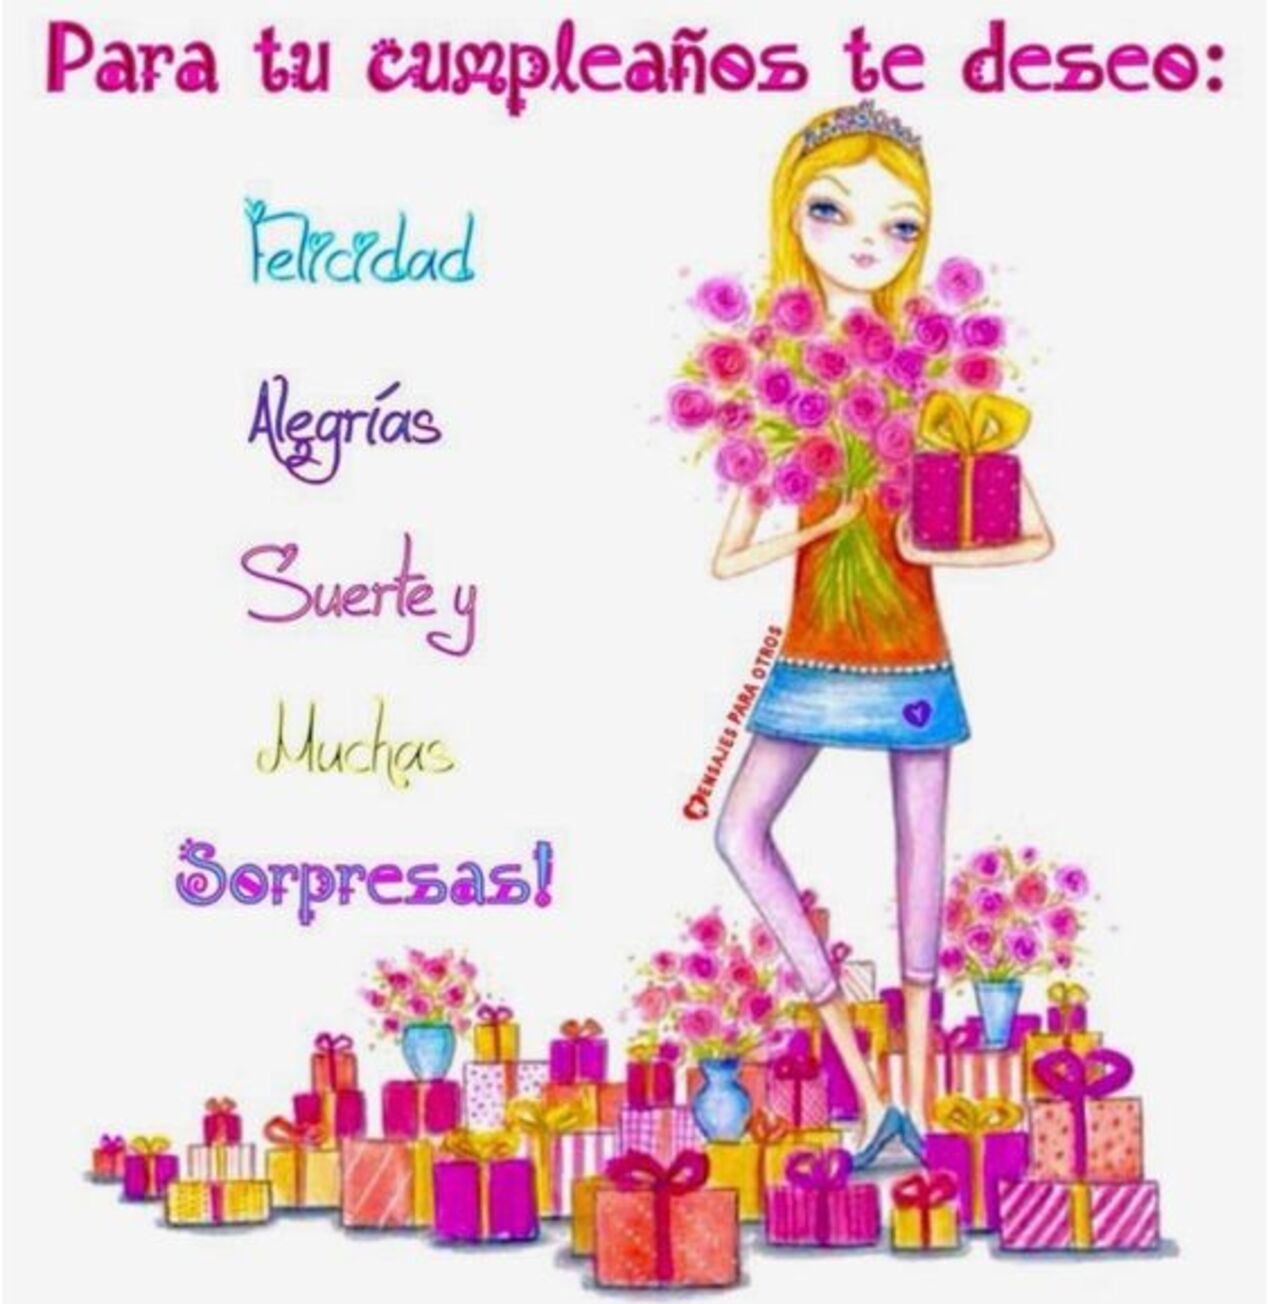 Para tu cumpleaños te deseo: felicidad, alegrias, suerte y muchas sorpresas!